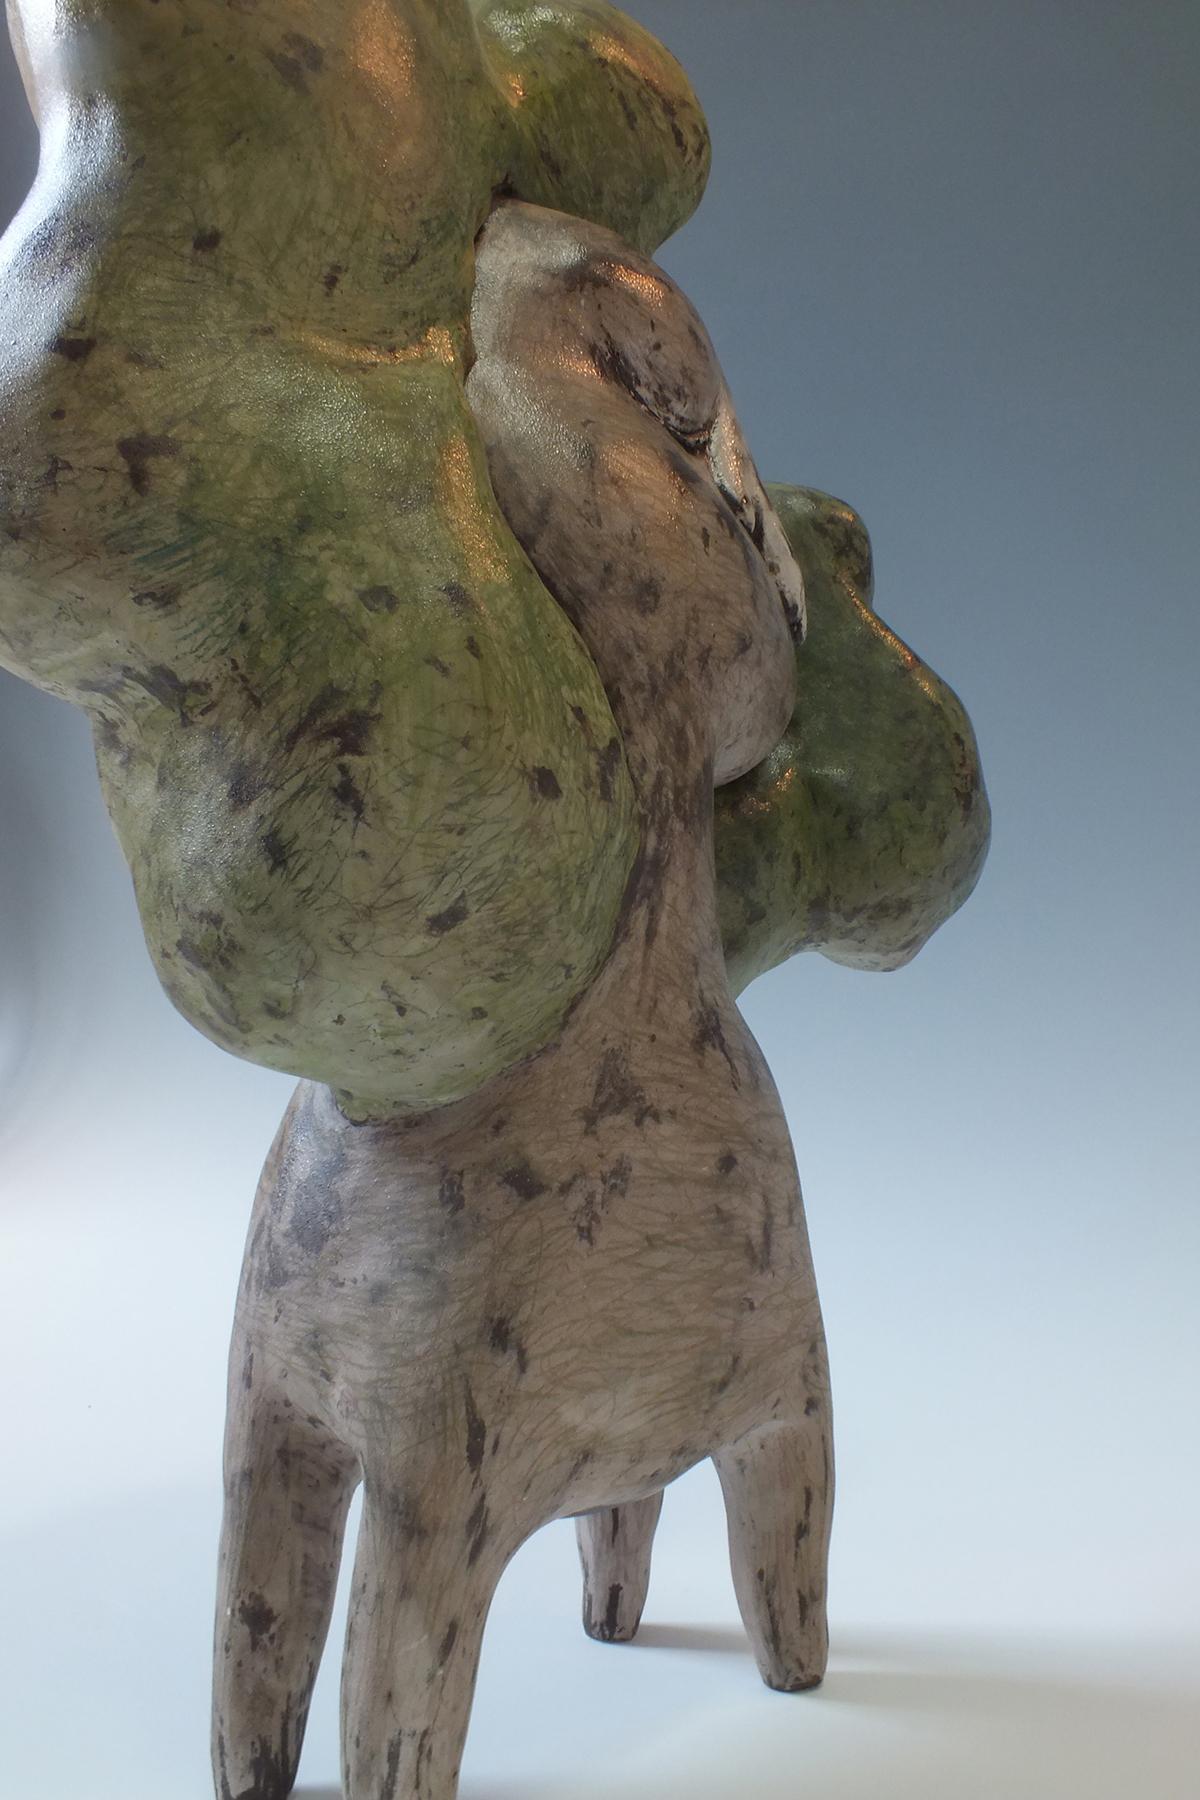 이방인 나무, Arbre étranger - Lenteur/ Faïence/ Hauteur de 47cm/ 2010/ collection privée